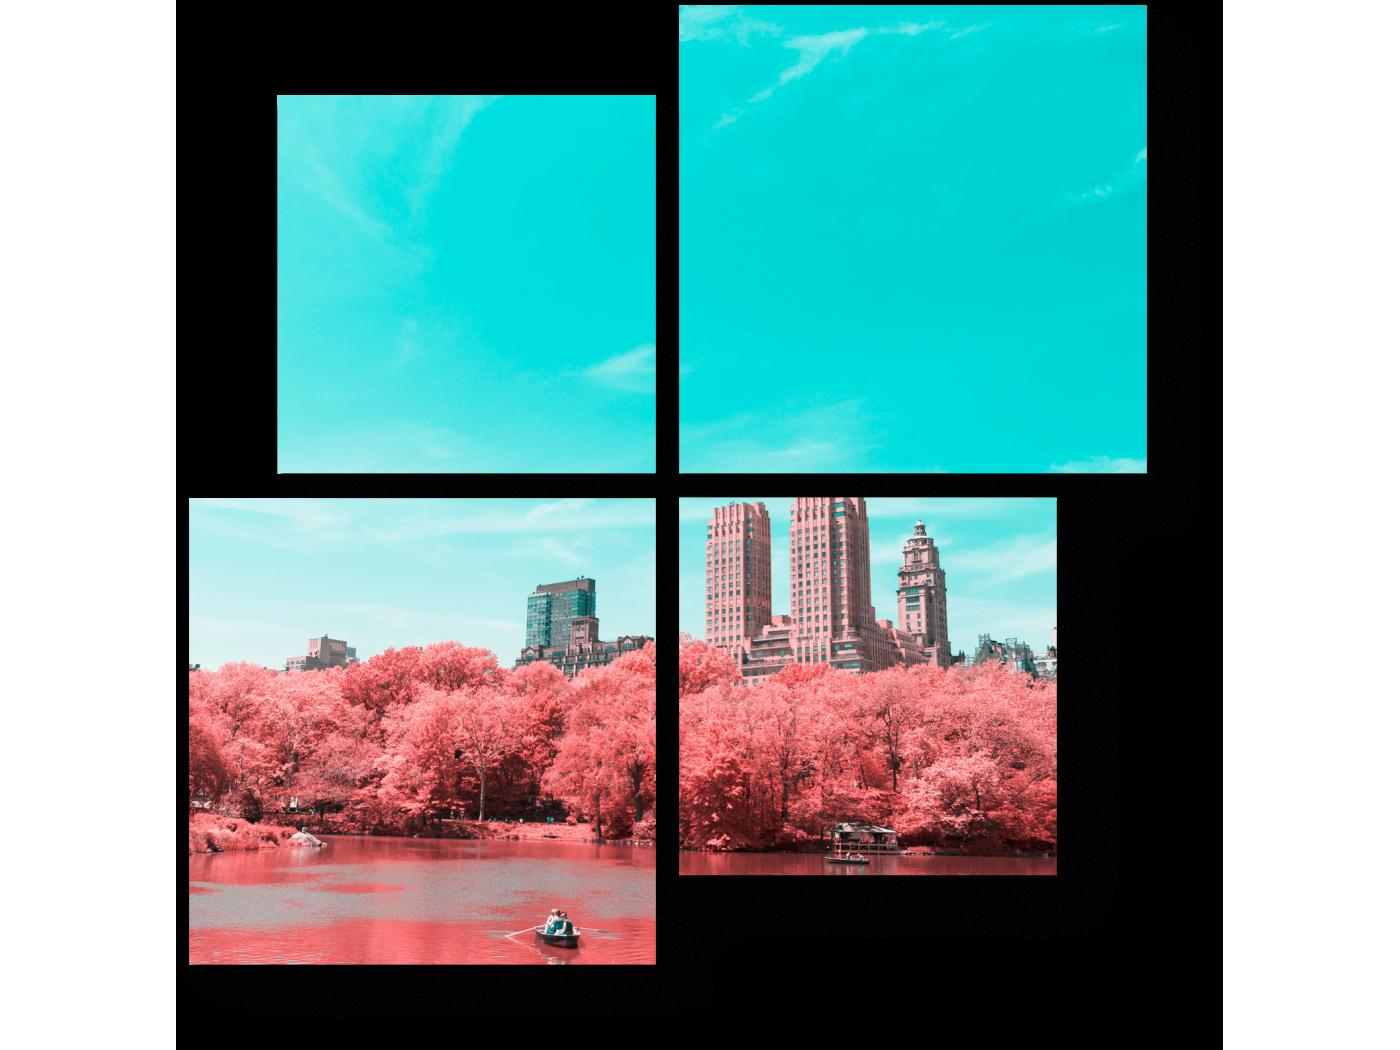 Модульная картина Волшебный пейзаж (50x50) фото